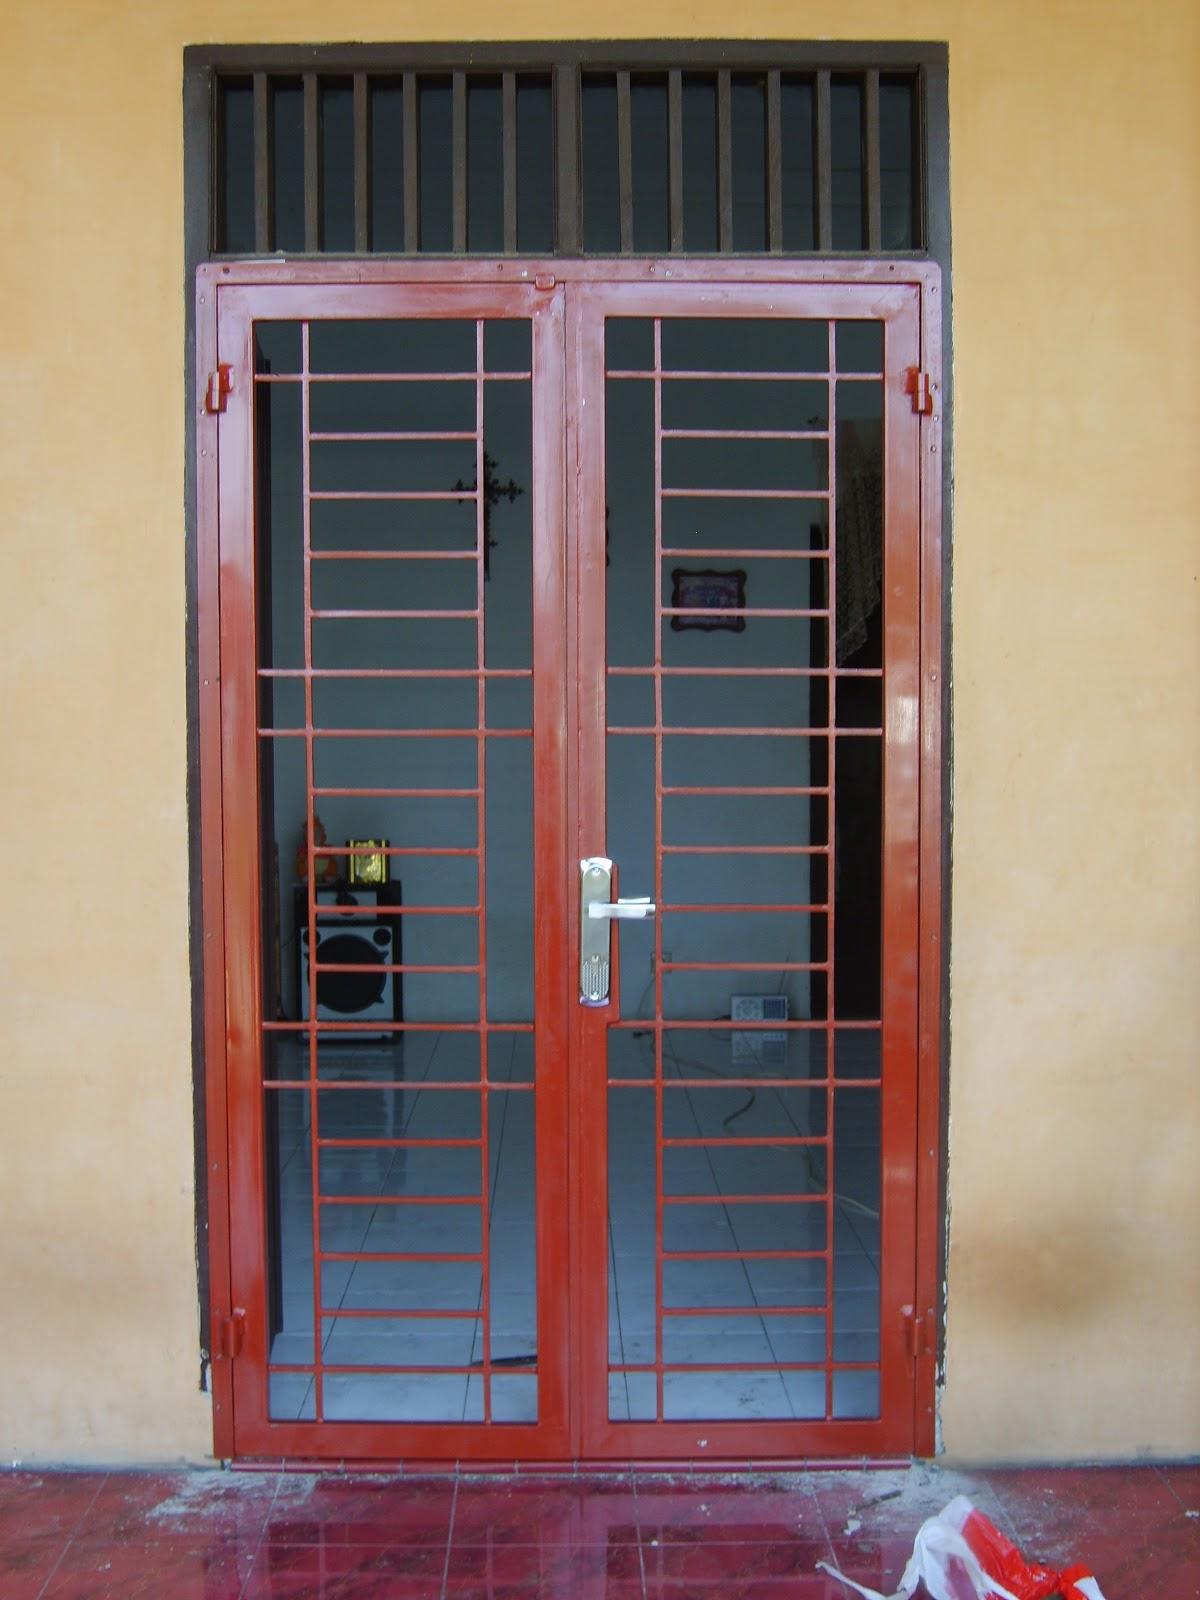 Gambar pintu kasa nyamuk  ArbainlascomBengkel las